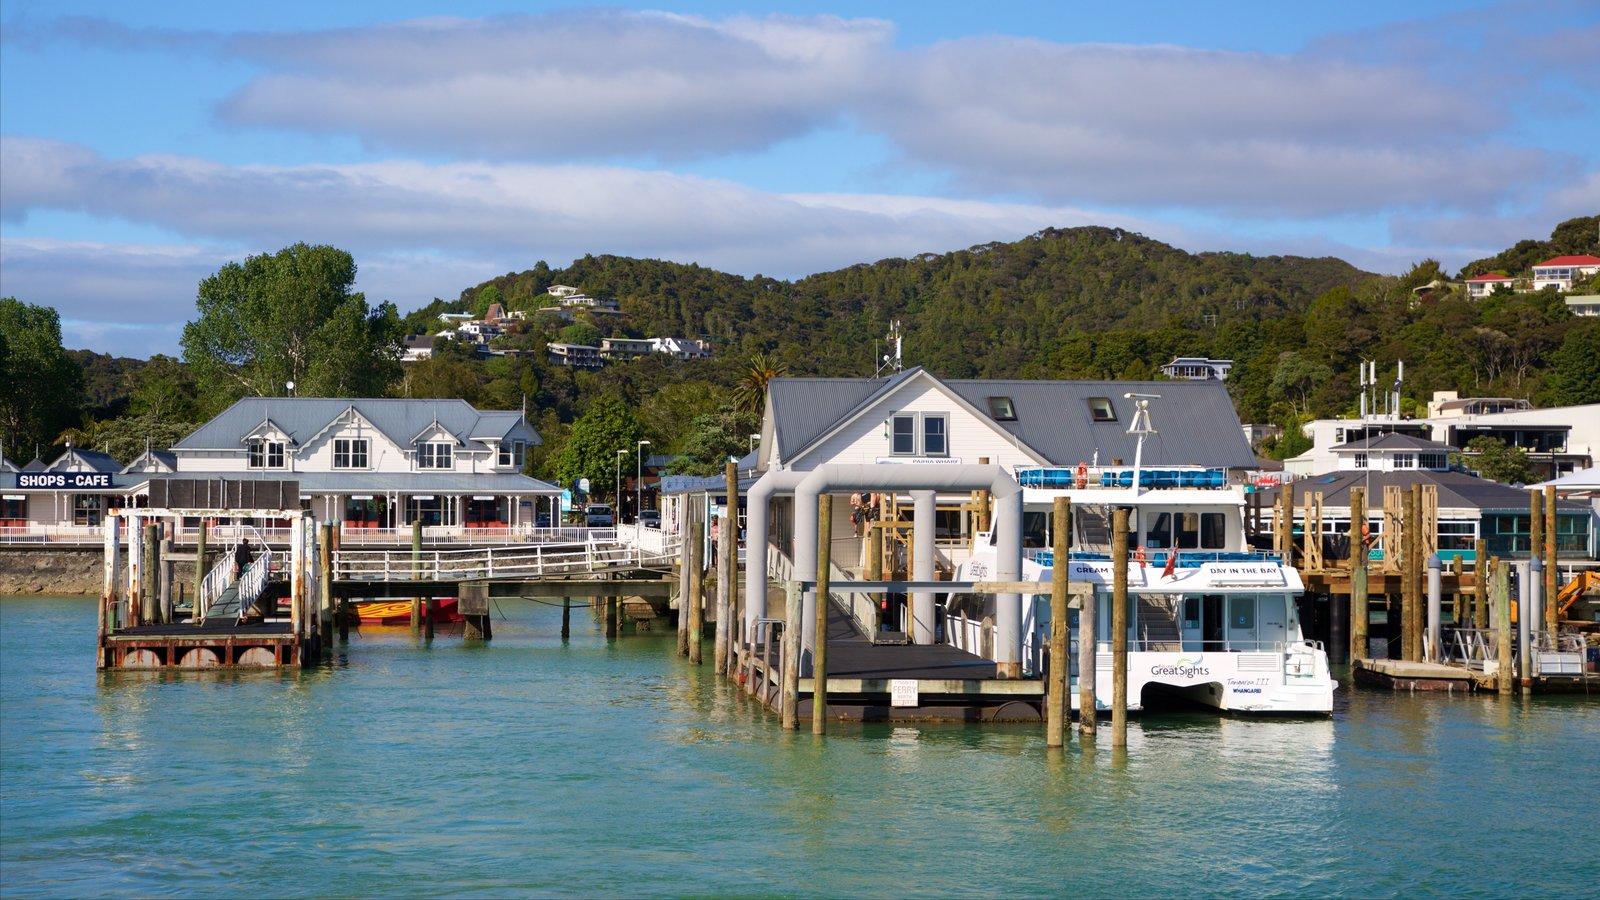 Paihia Wharf featuring a bay or harbor and a coastal town